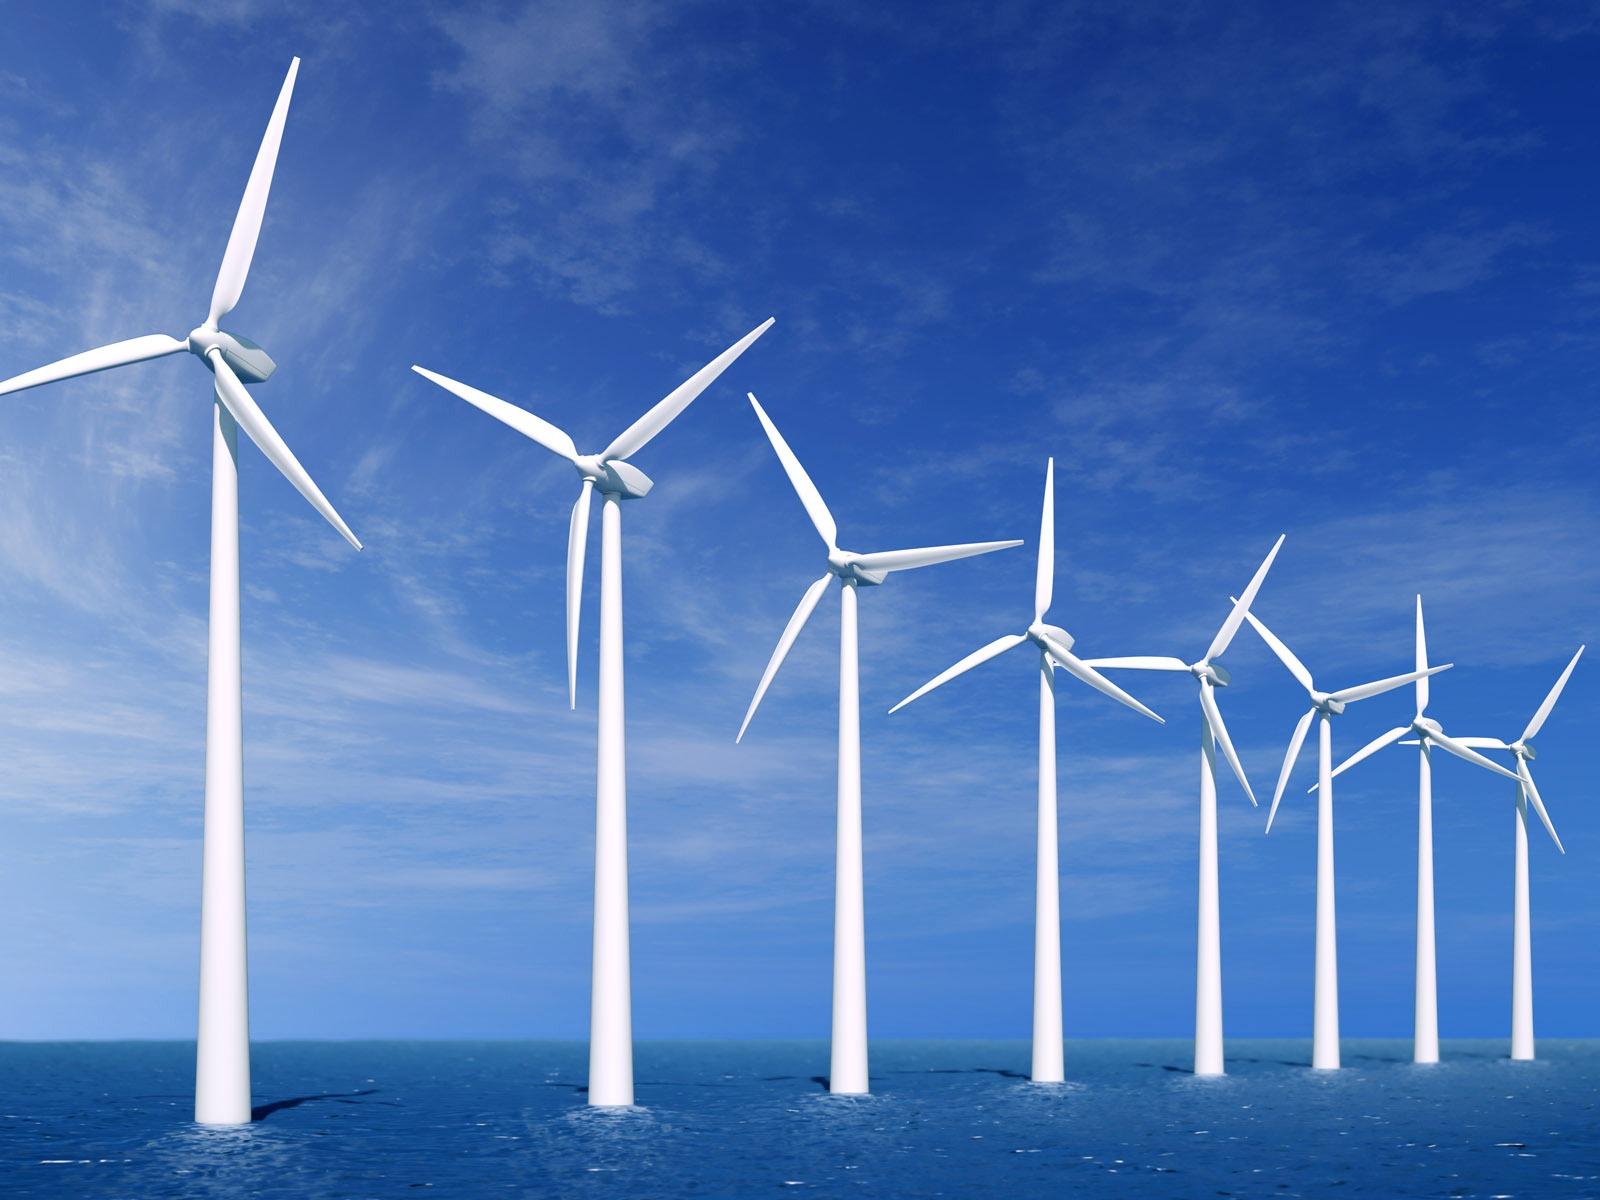 Windmill 26061 2560x1600 px